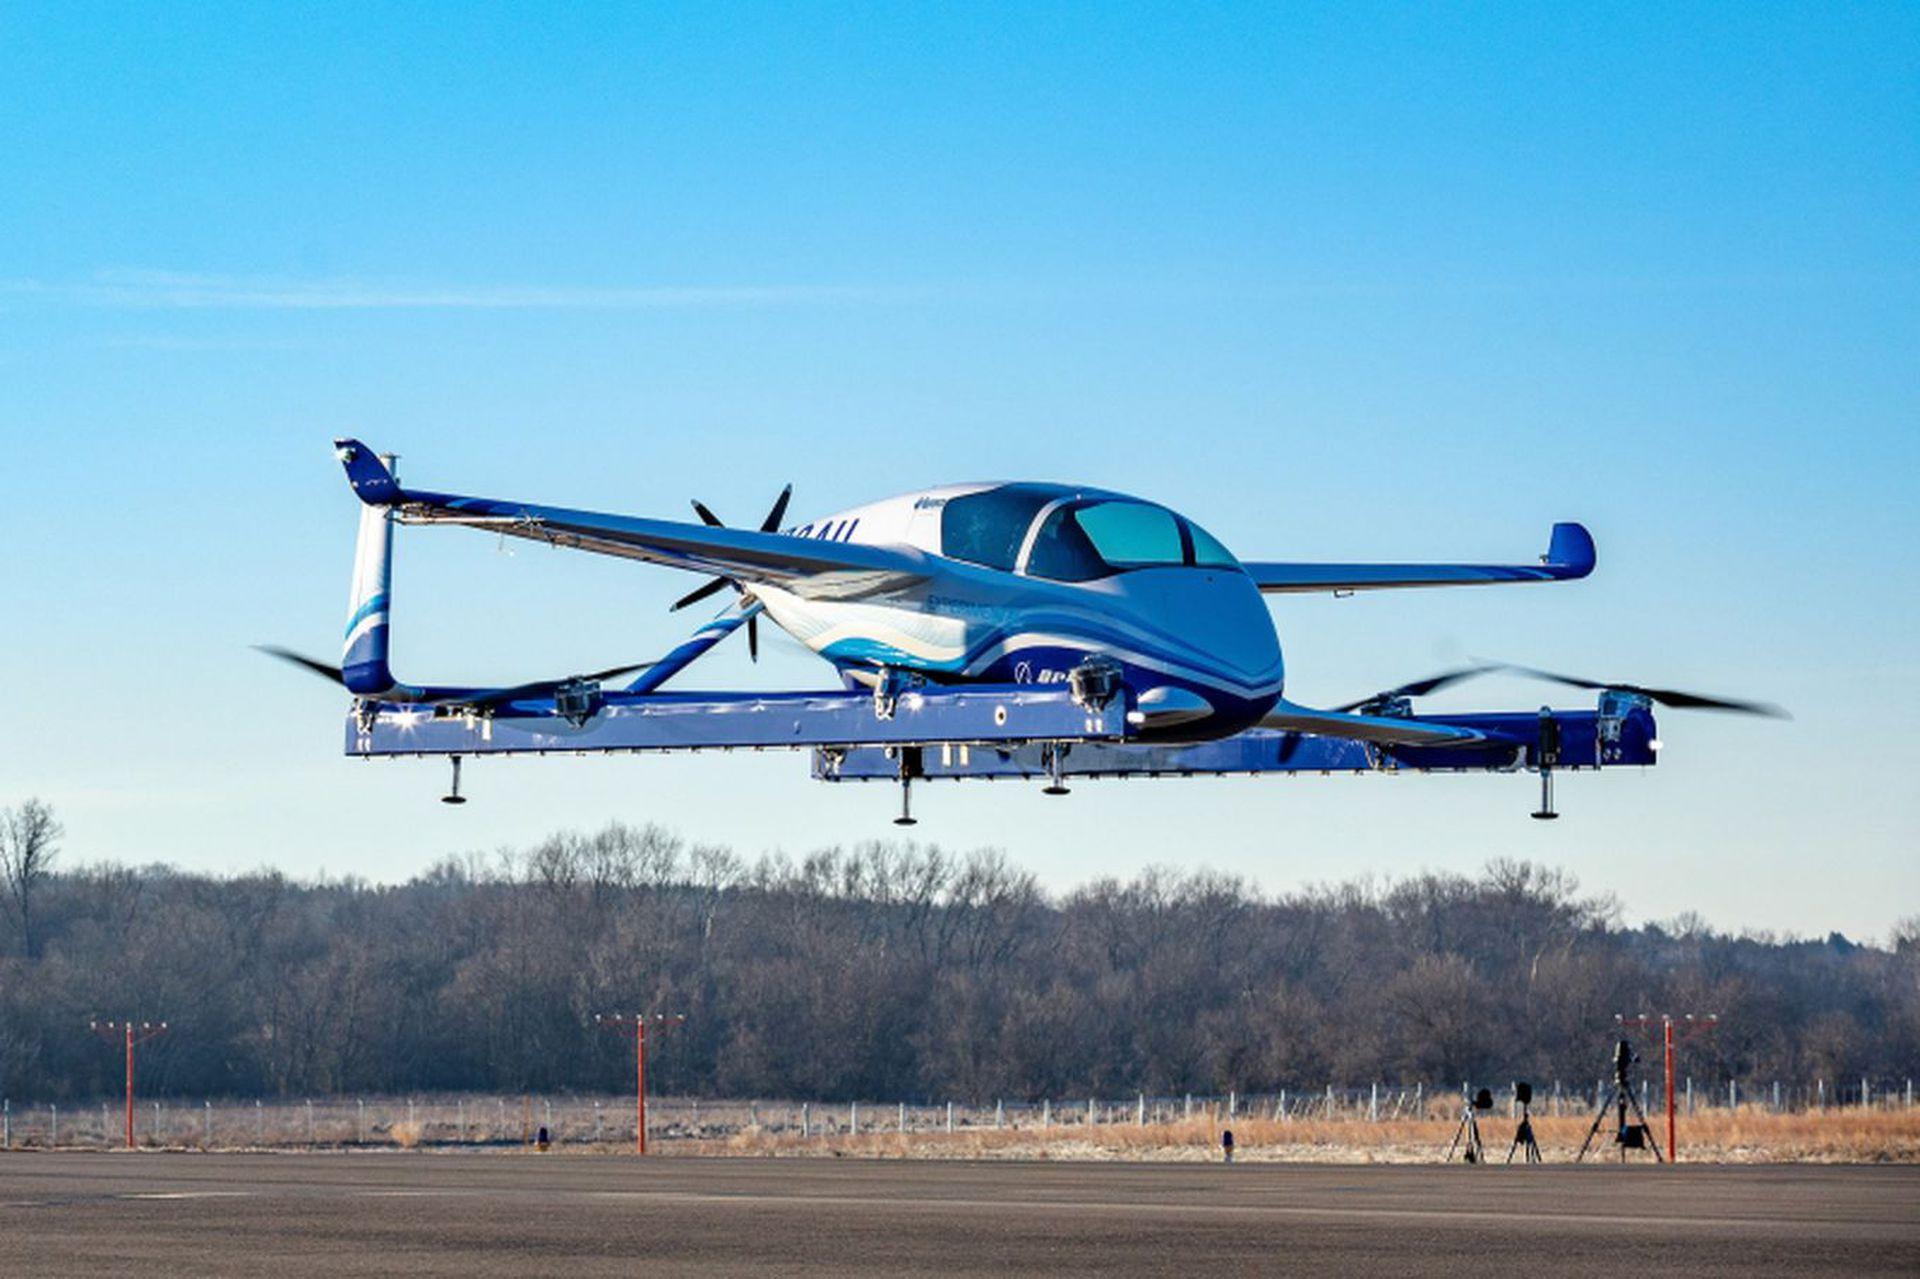 El protipo de taxi aéreo autónomo de Boeing